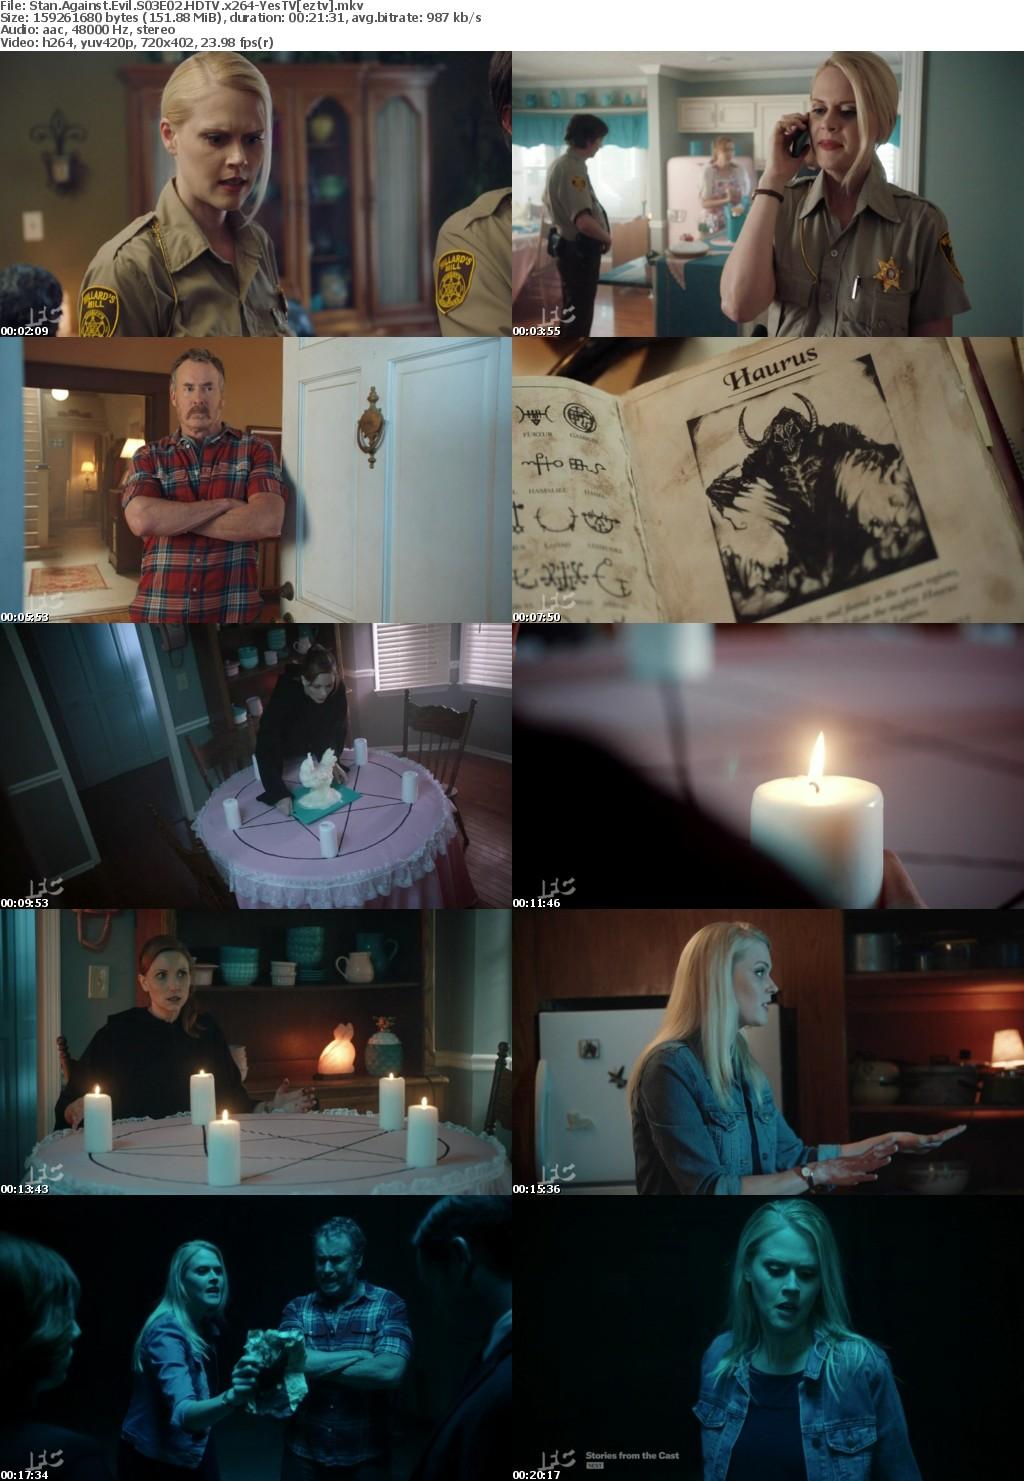 Stan Against Evil S03E02 HDTV x264-YesTV